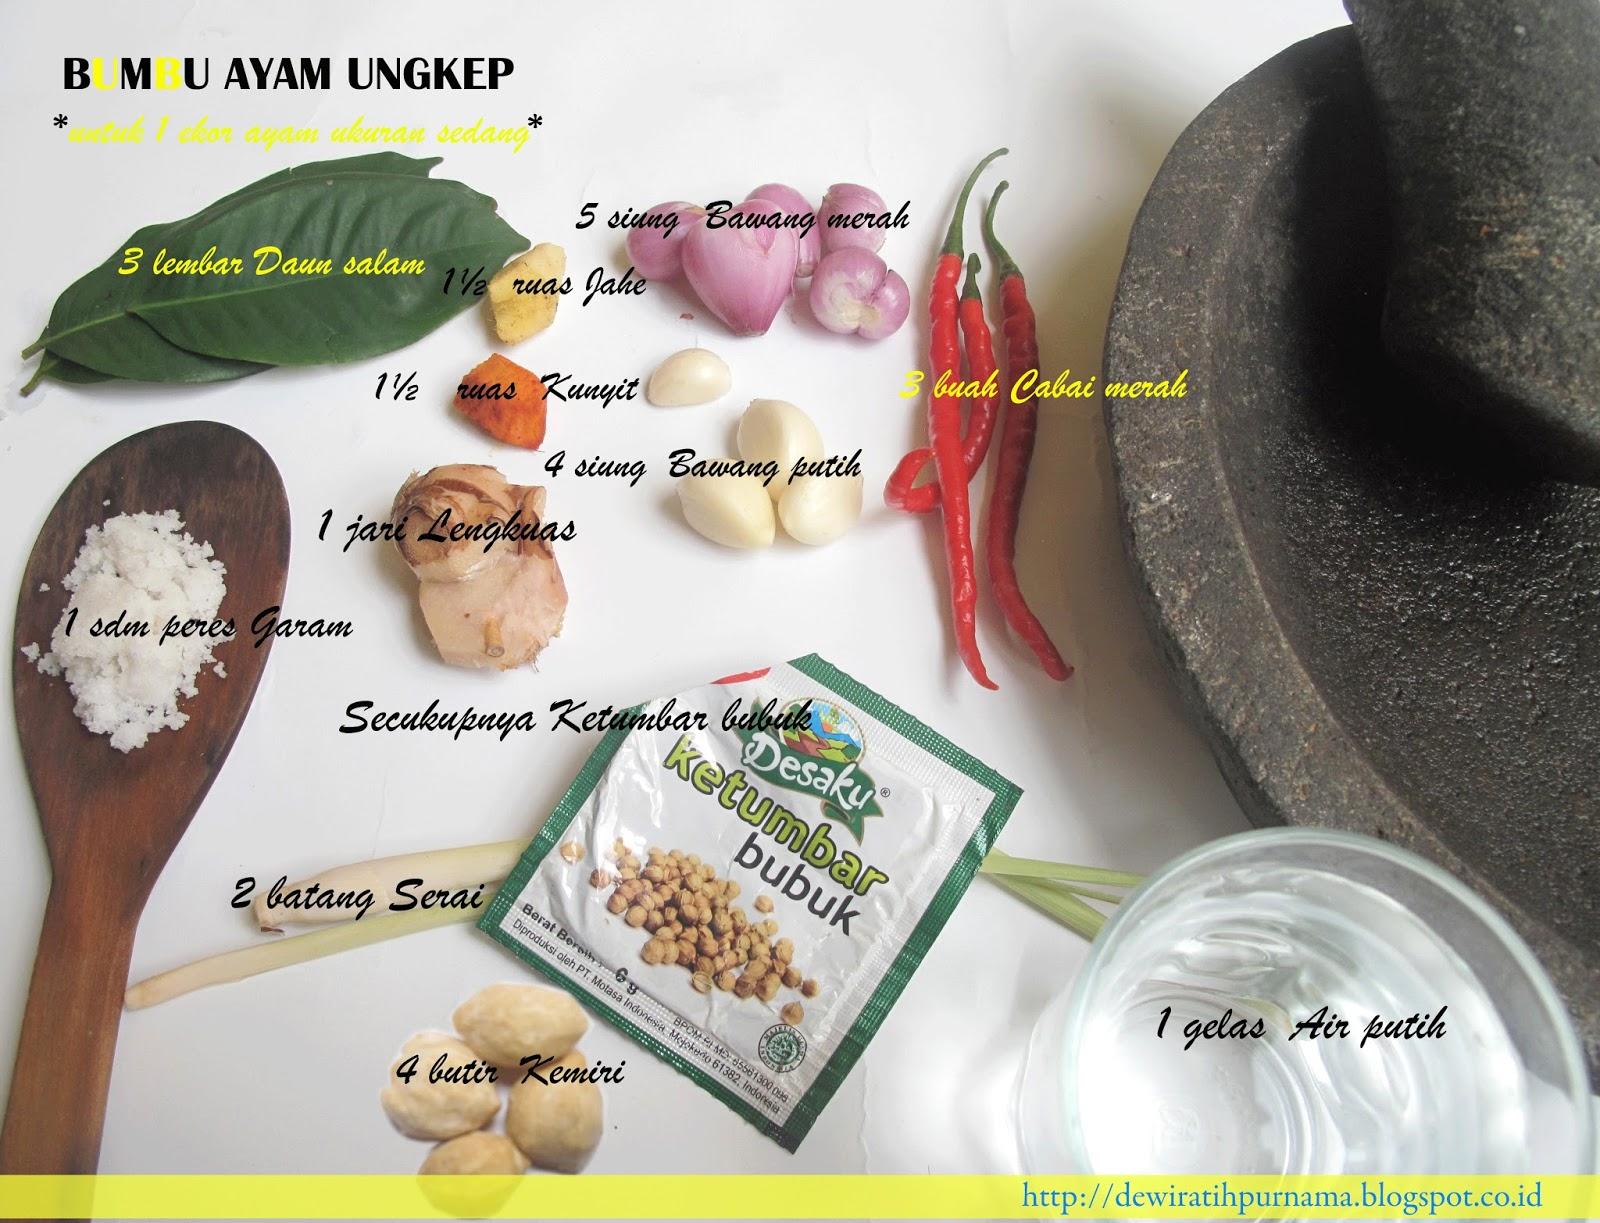 Resep Bumbu Ungkep Ayam Goreng Dan Bakar Dewi Ratih Purnama Cheese Rahasia